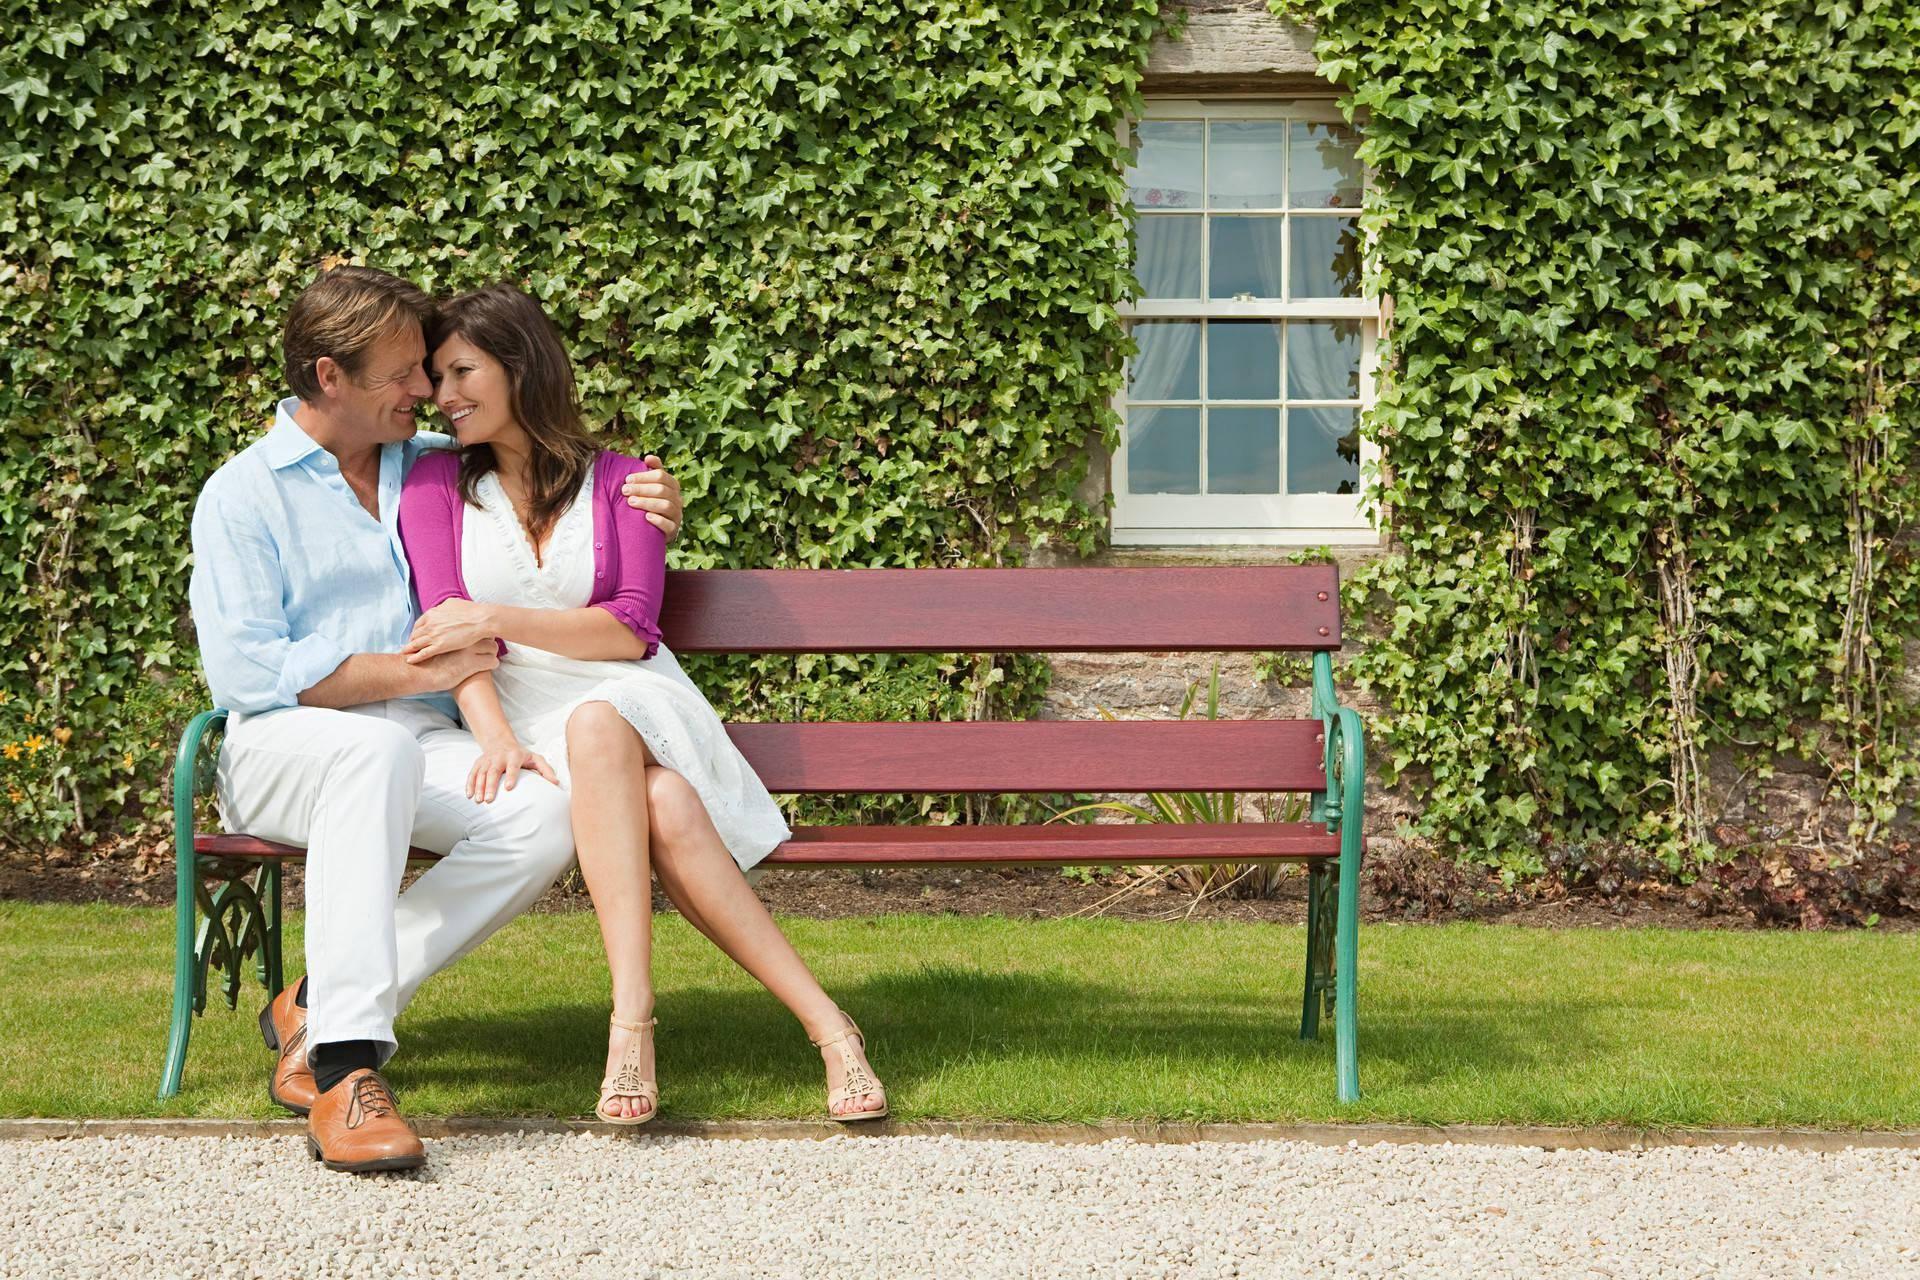 婚外情中男人最忘不的女人 男人婚外情容易放下吗